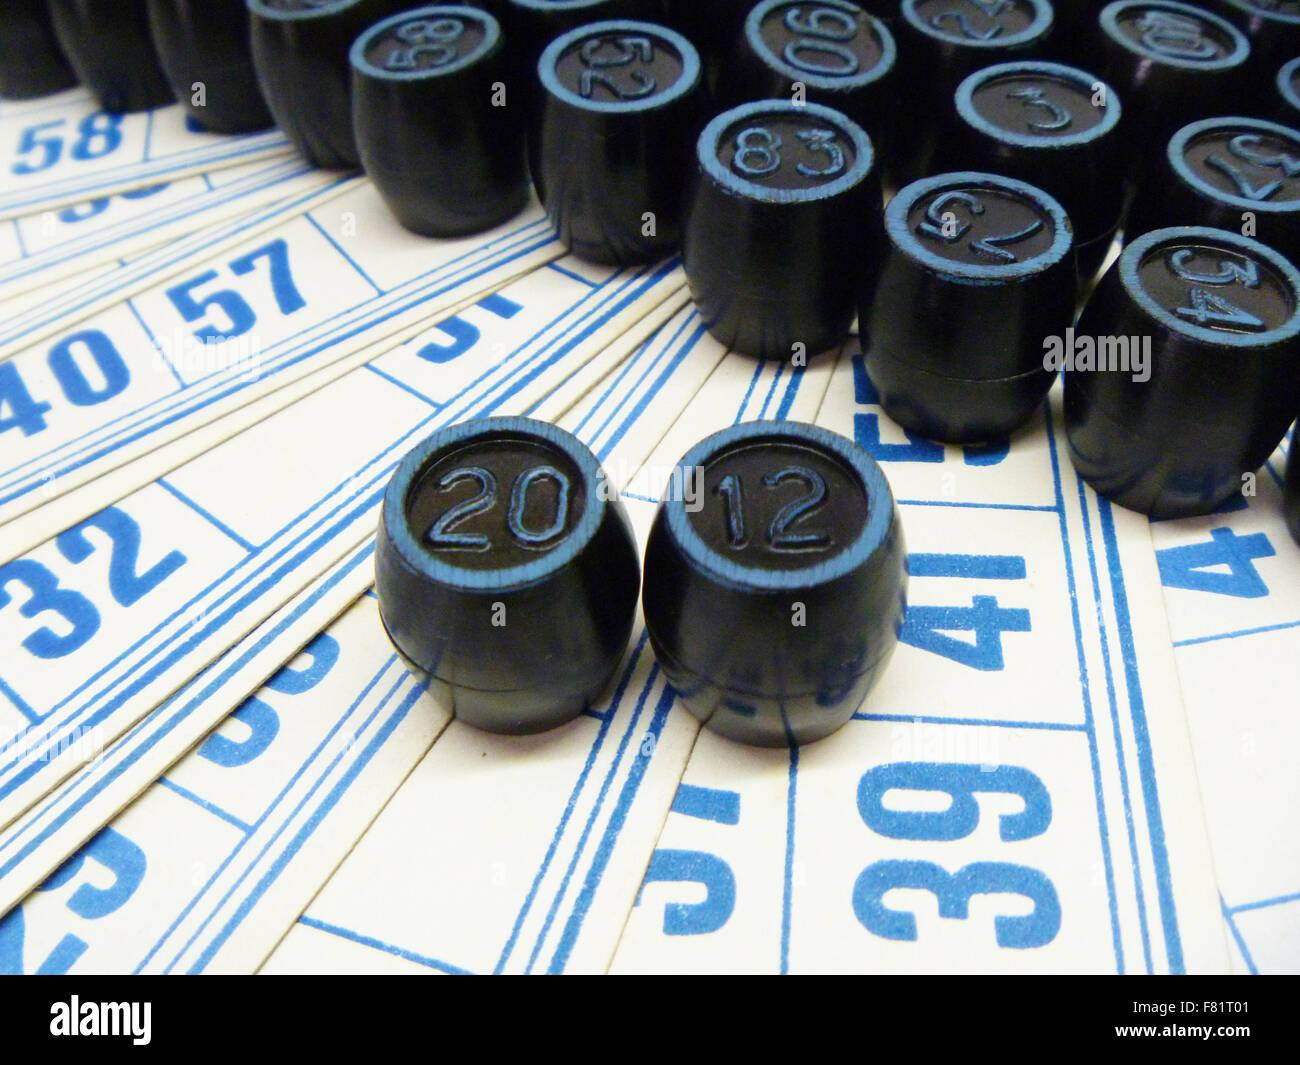 Schede per la scrivania gioco del lotto Immagini Stock